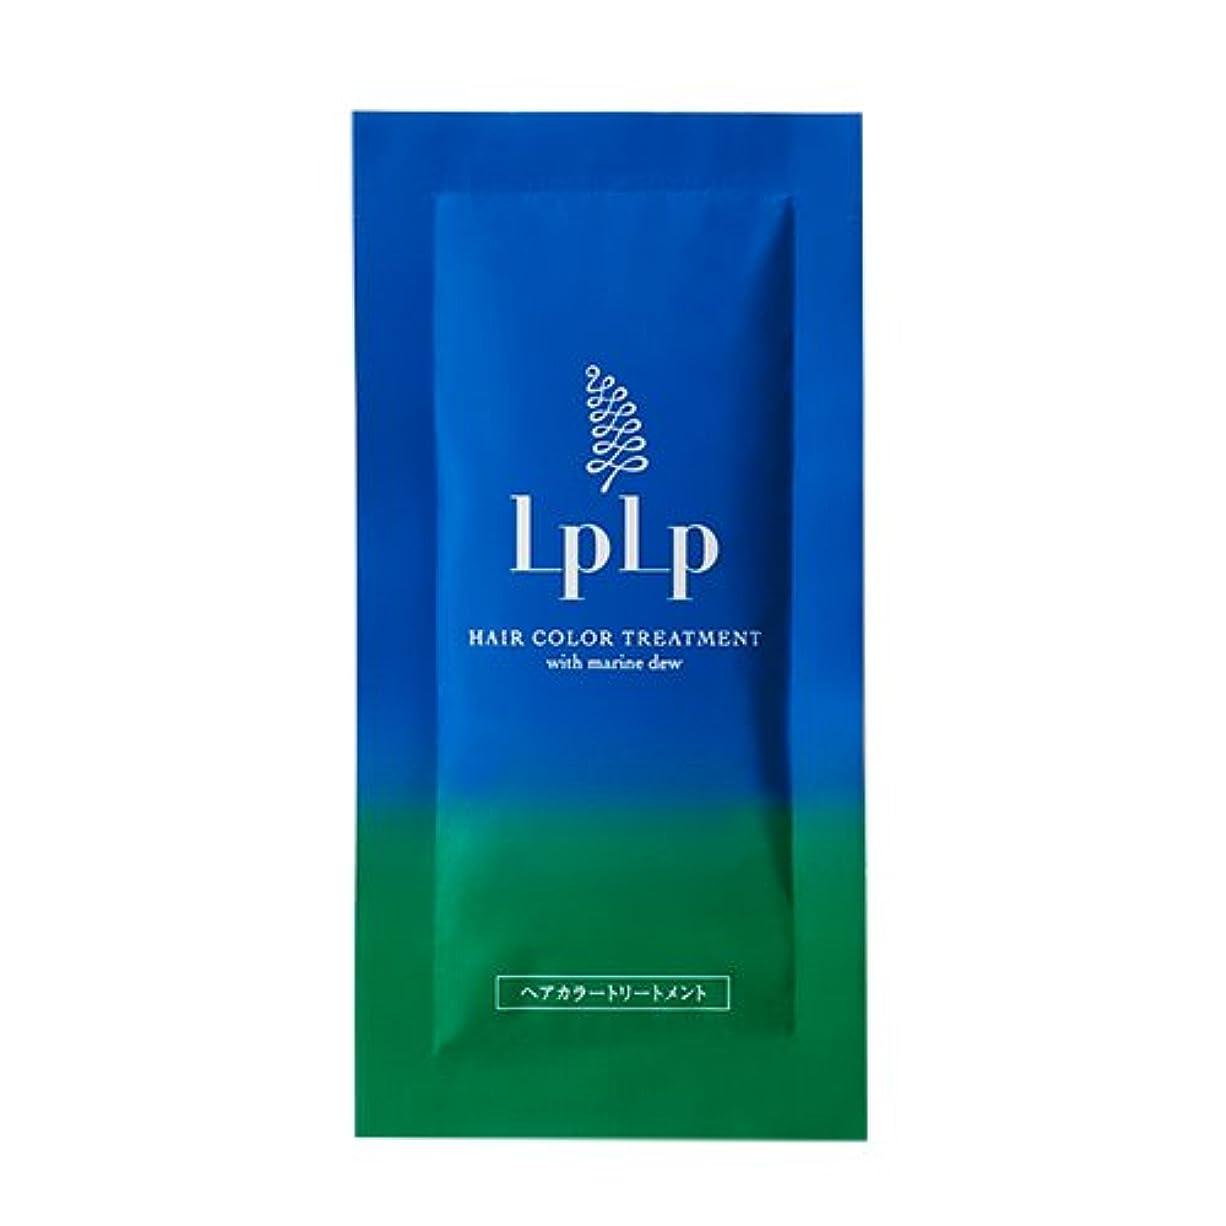 質素なだらしないペイントLPLP(ルプルプ)ヘアカラートリートメントお試しパウチ ダークブラウン